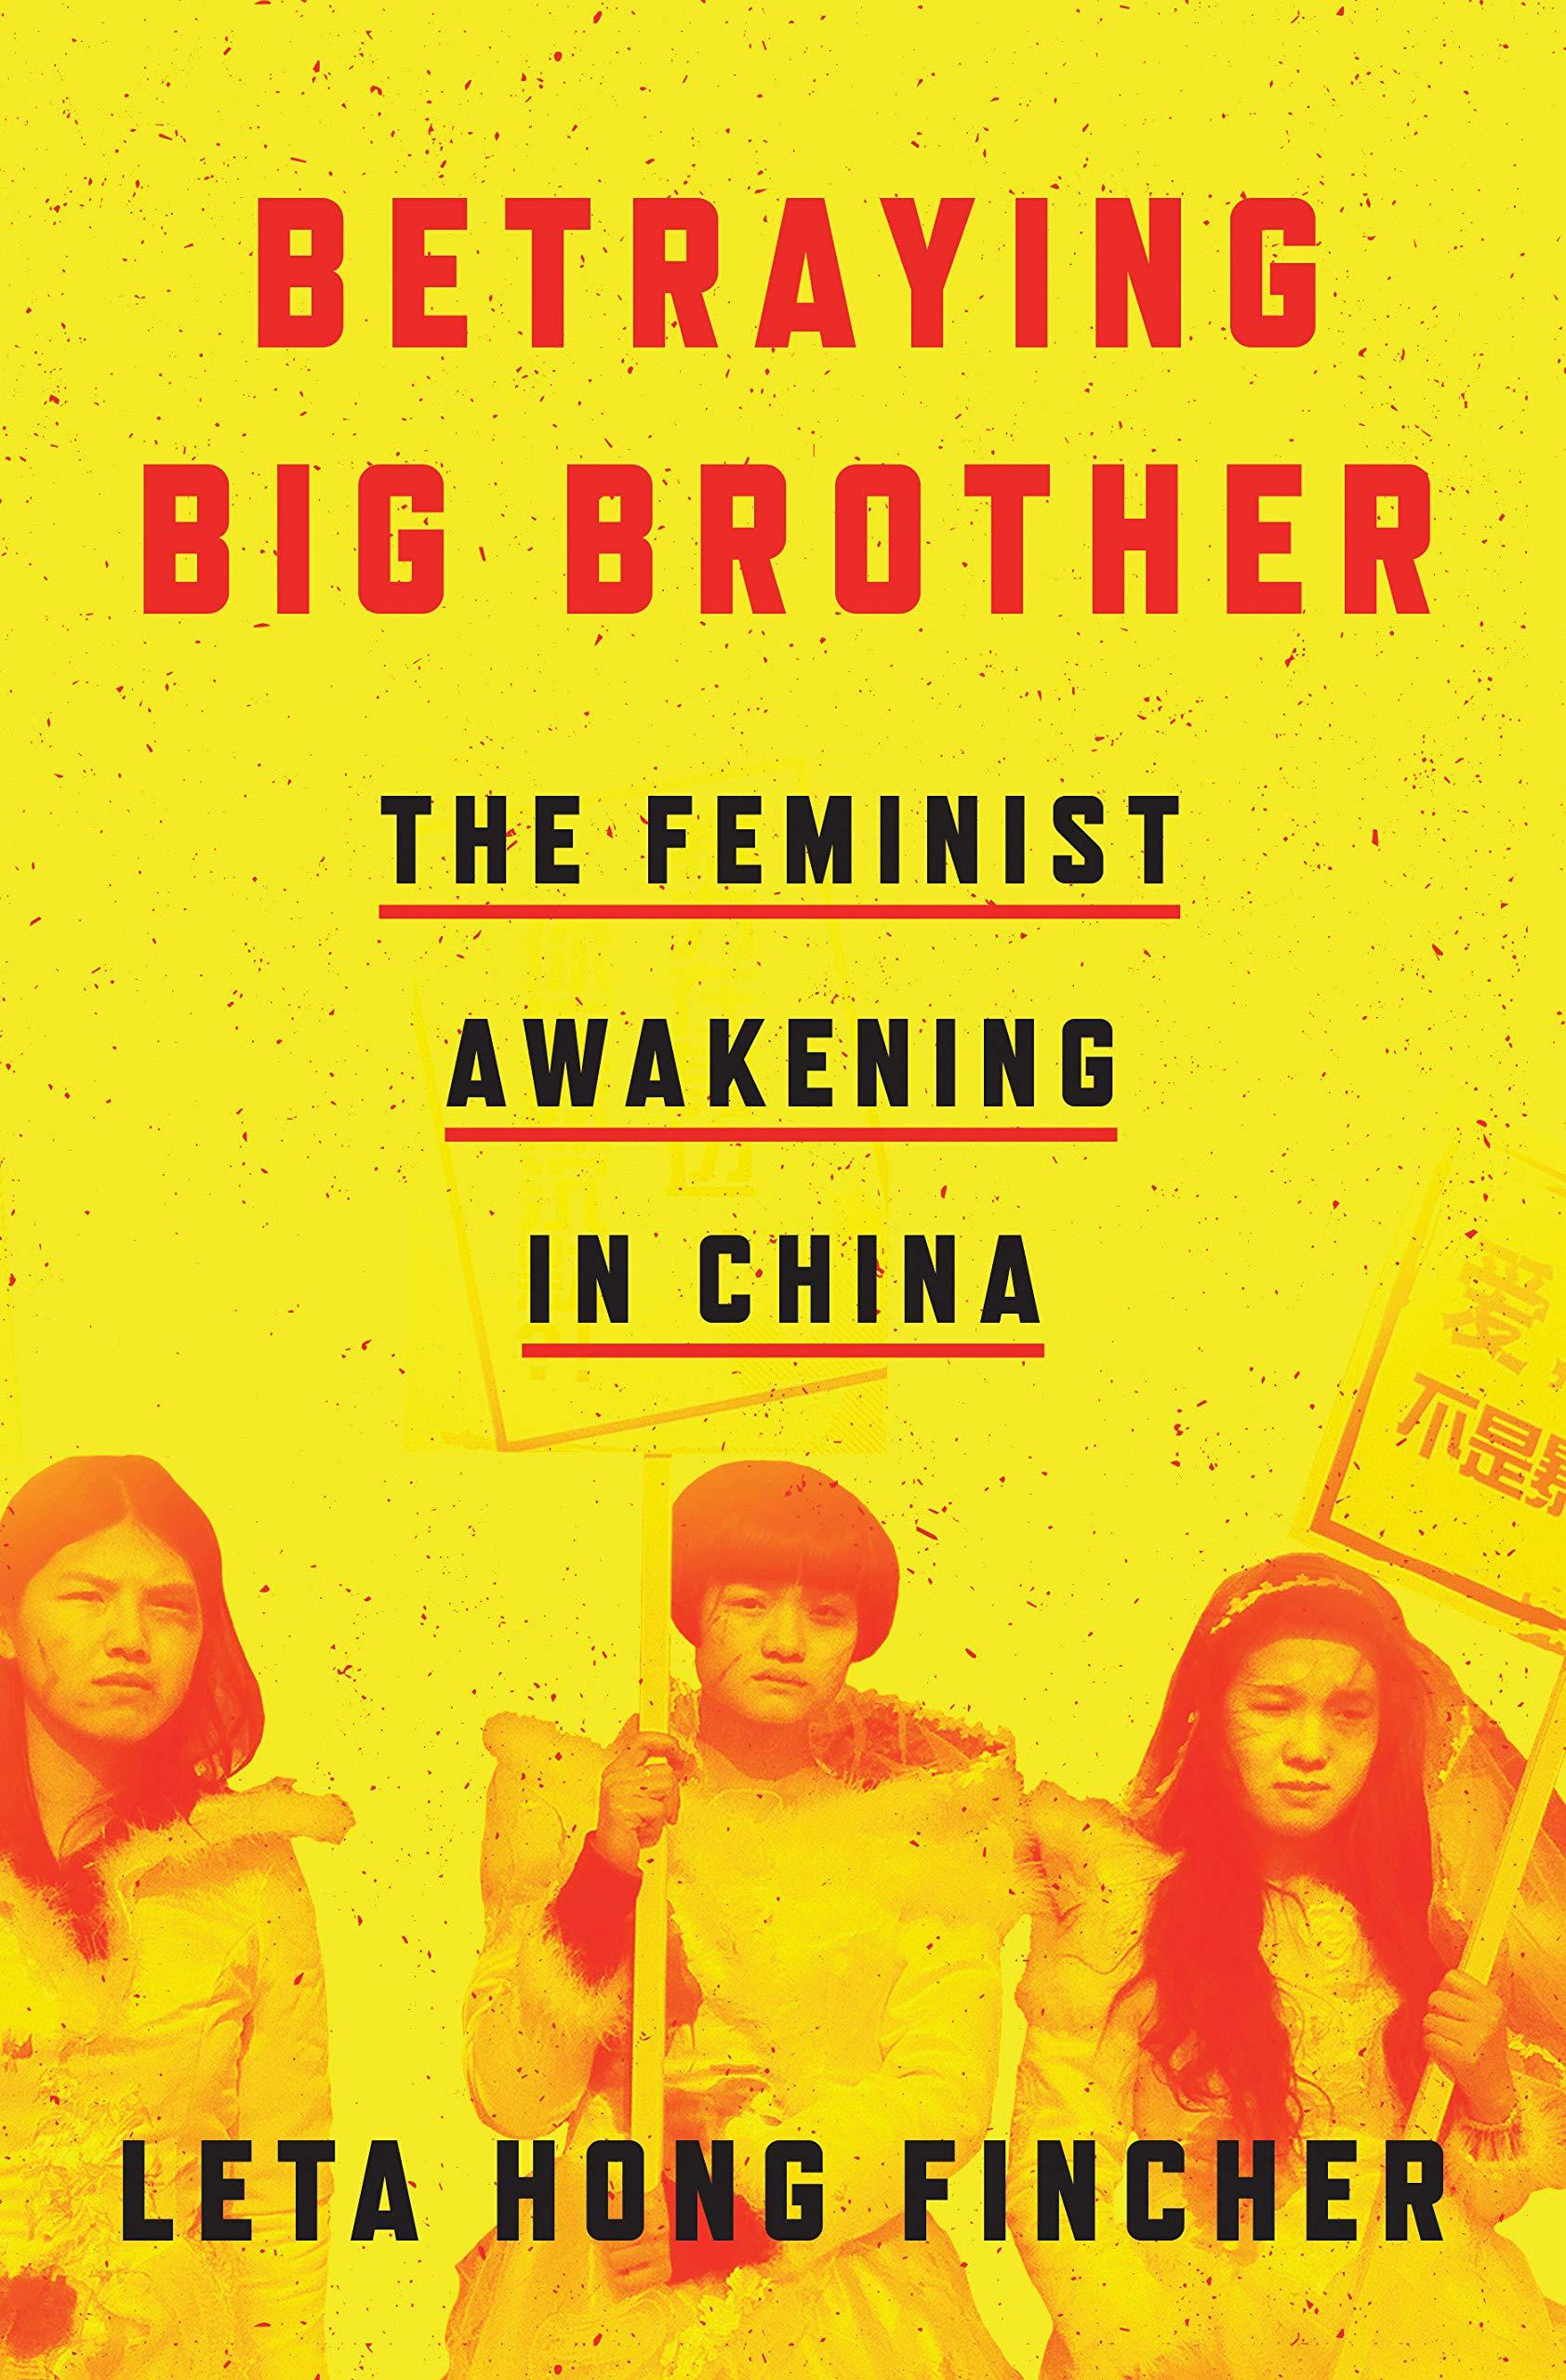 Betraying Big Brother: The Feminist Awakening in China: Leta Hong